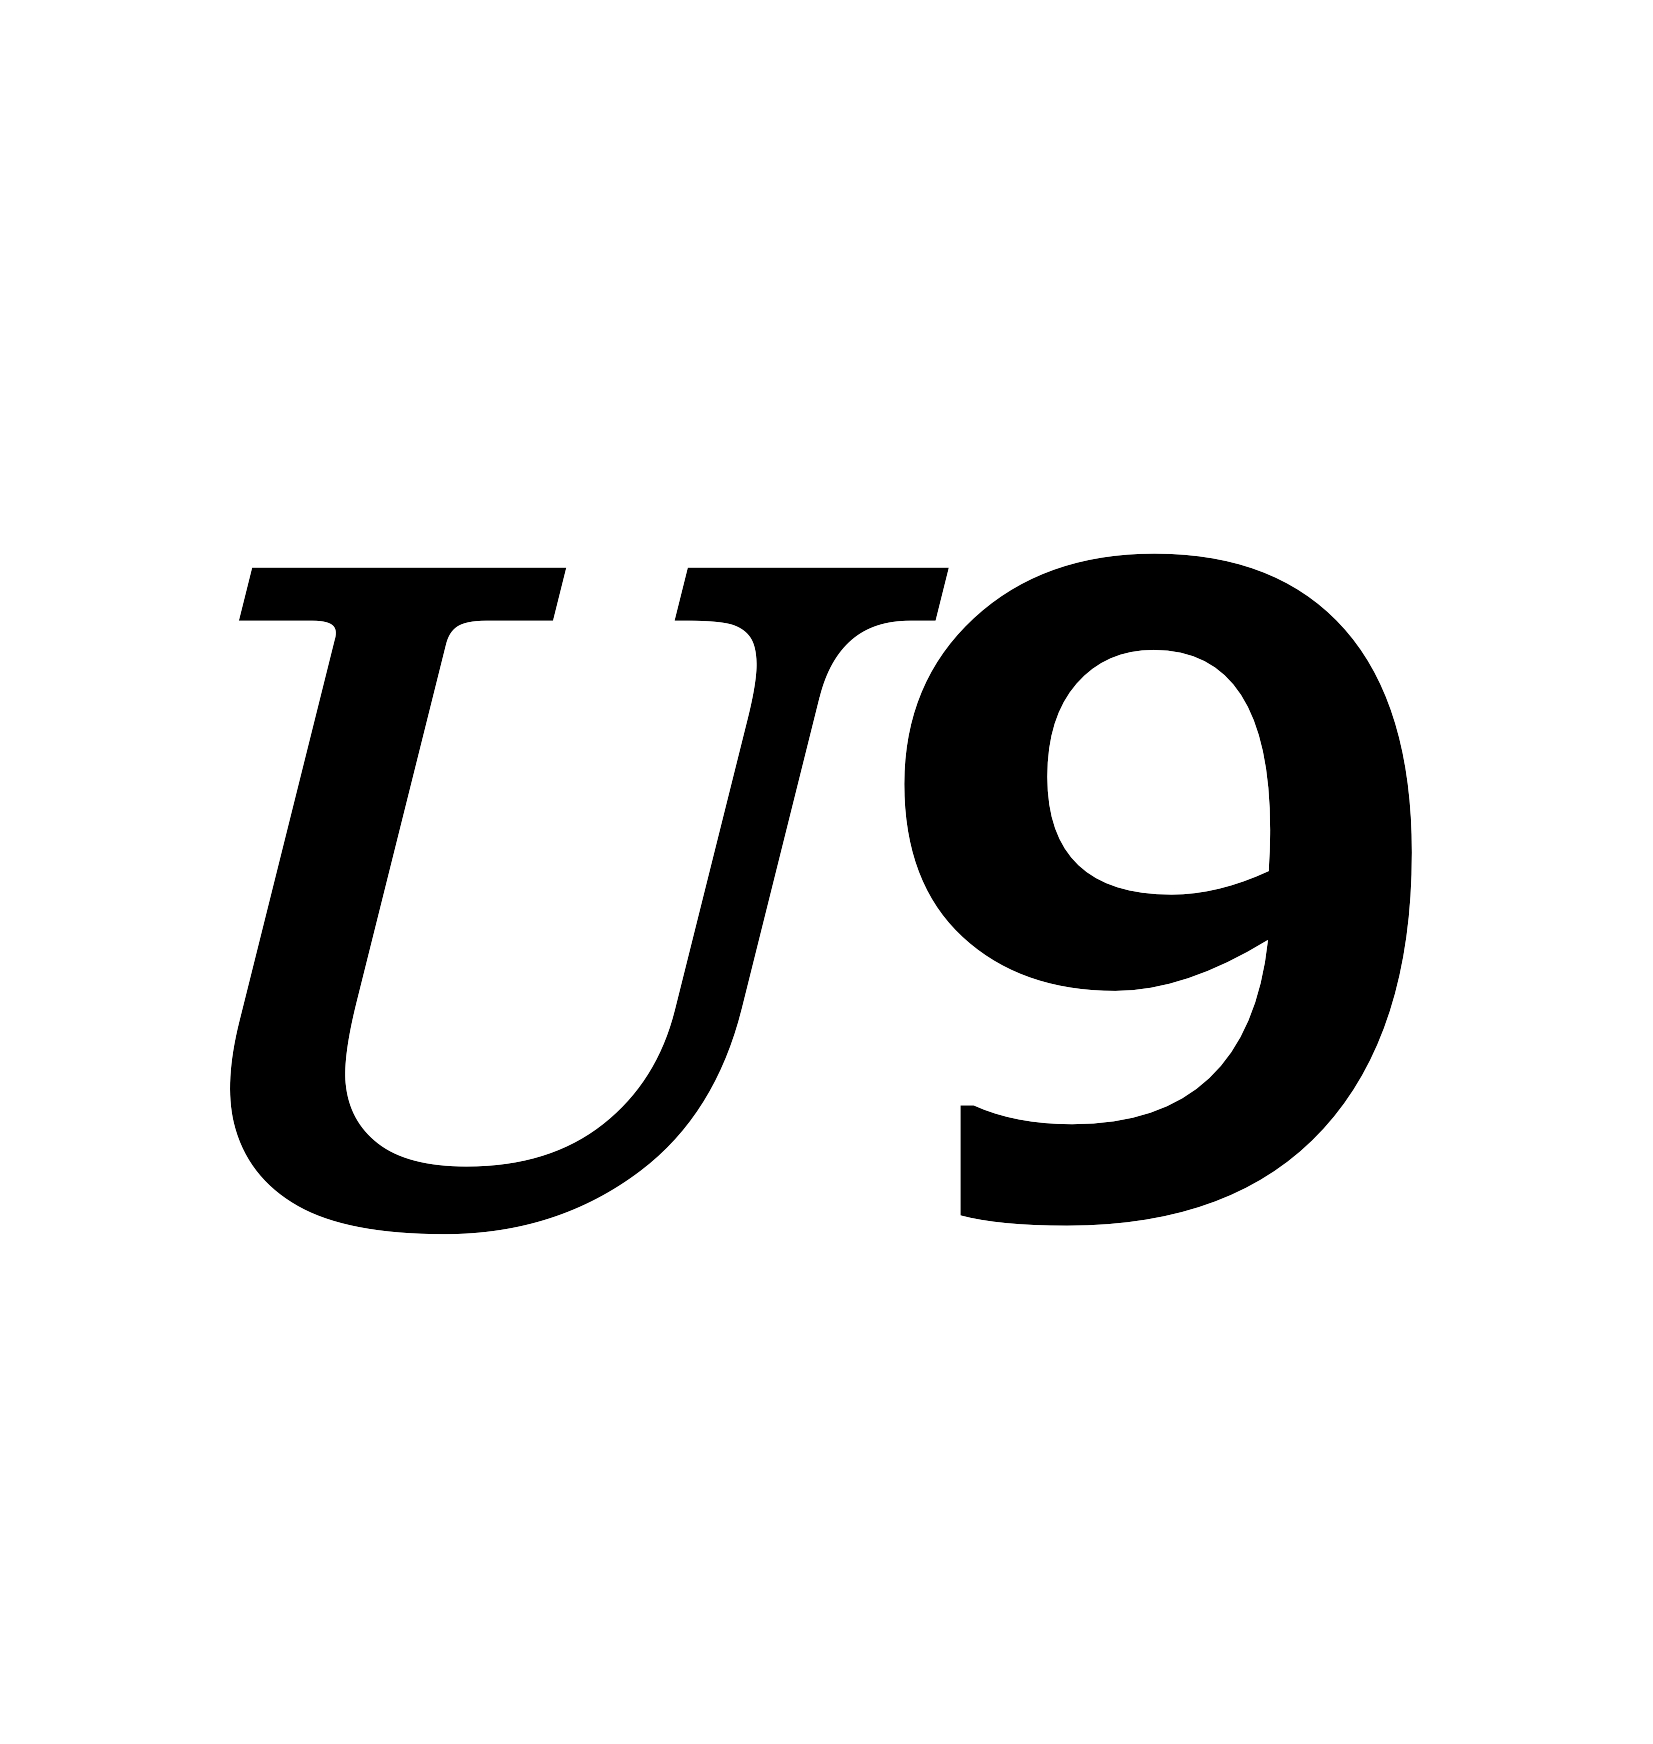 高橋悠治&内橋和久『 U 9 』